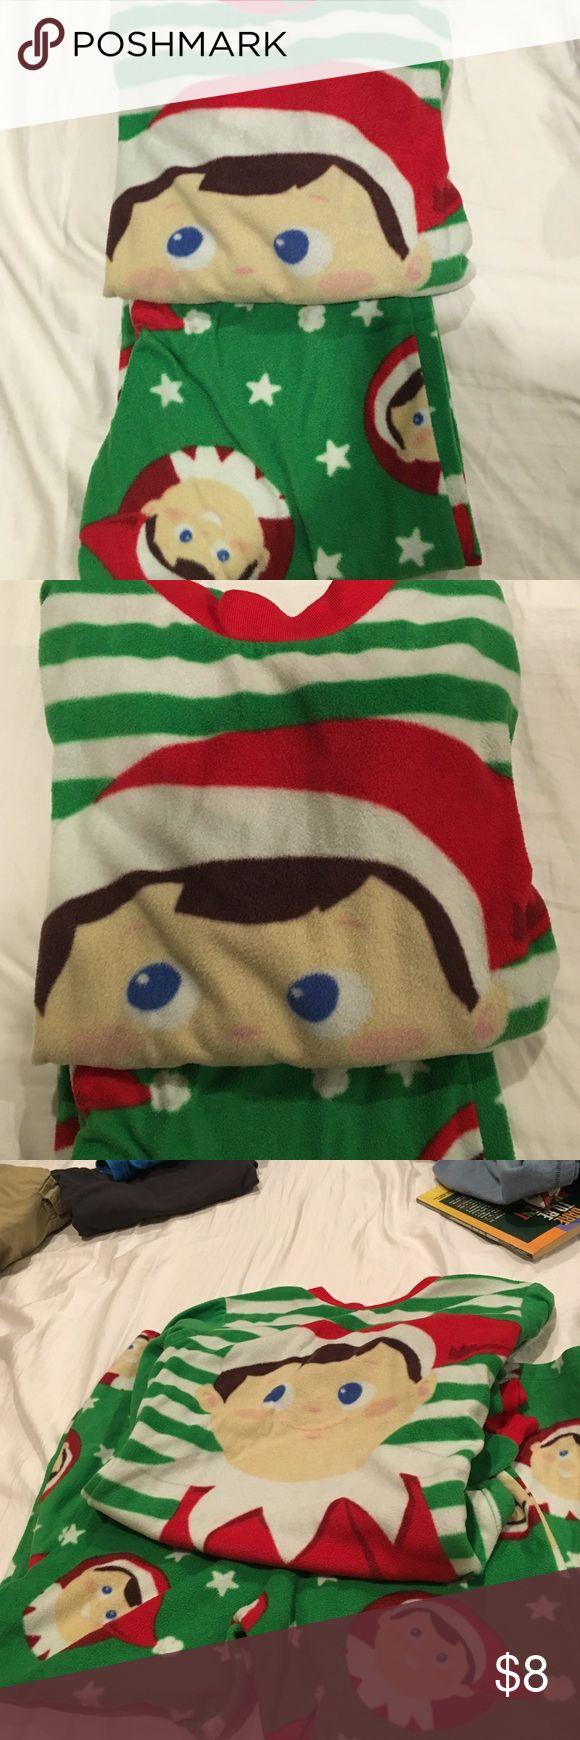 Kids Christmas pjs The elf on the shelf pj Pajamas Pajama Bottoms